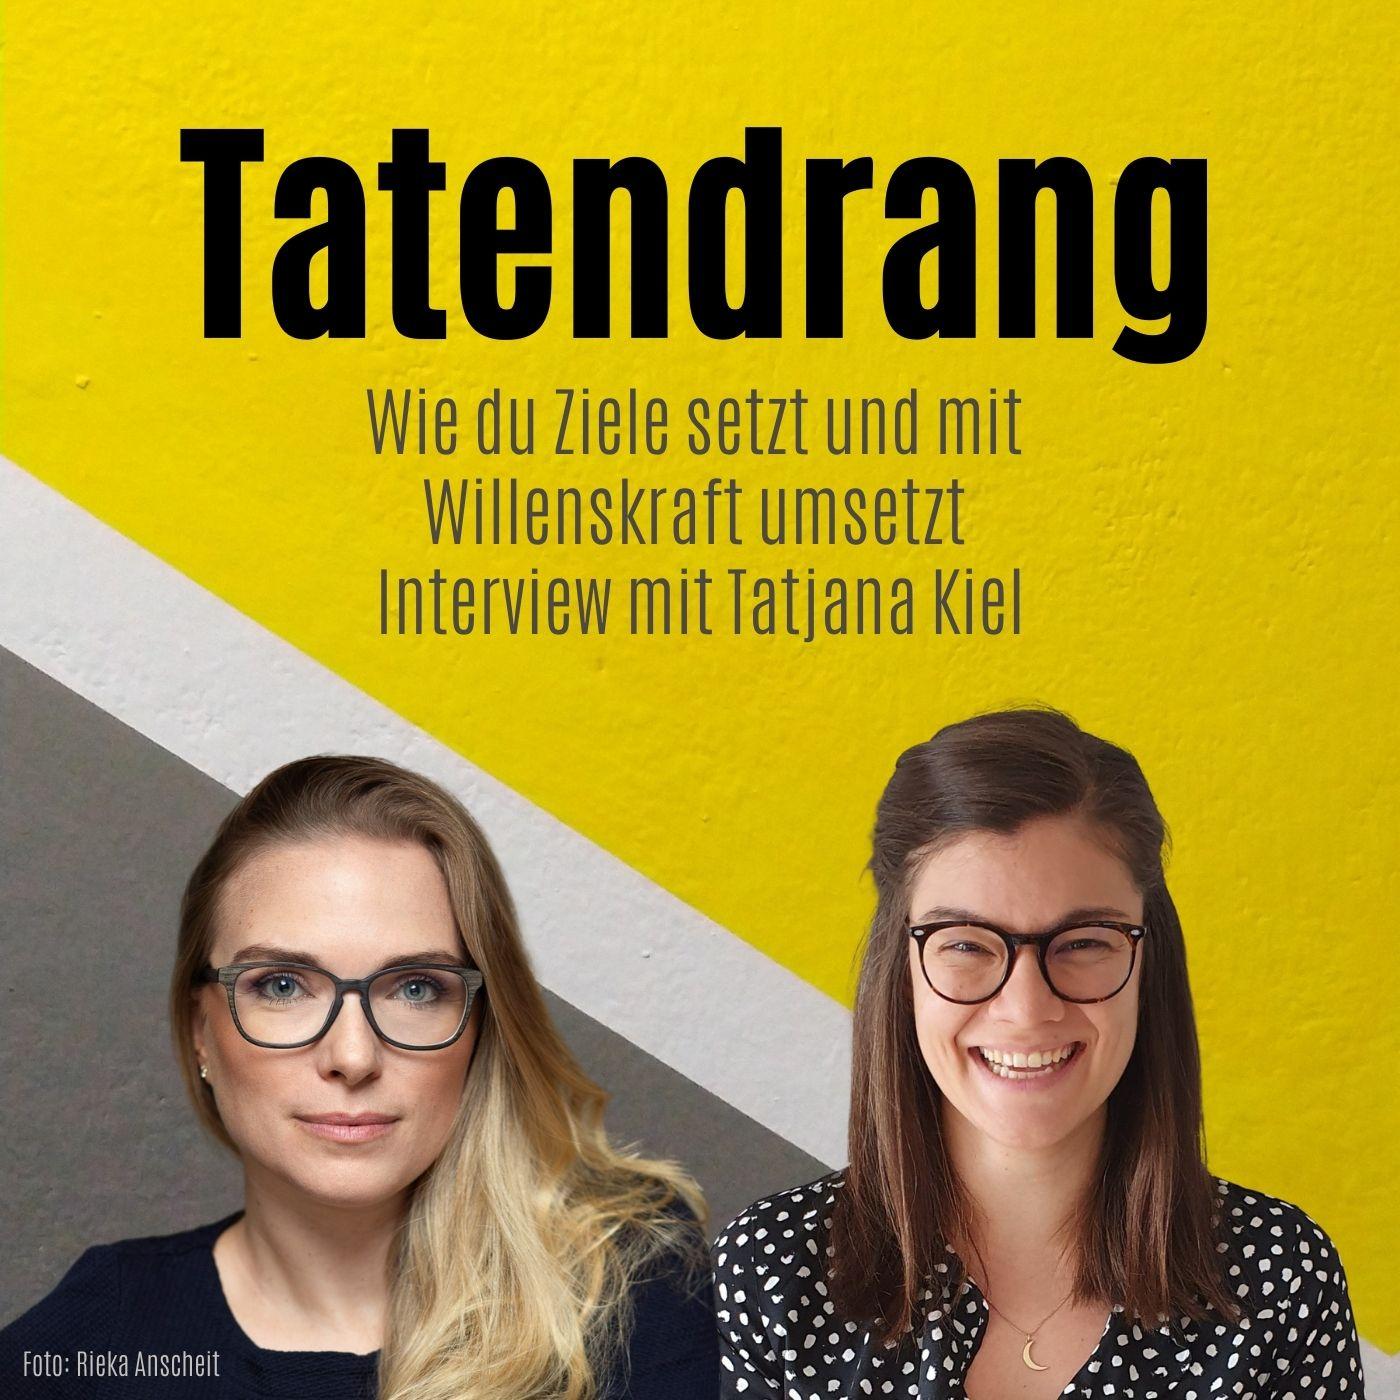 Wie du Ziele setzt und mit Willenskraft umsetzt   Interview mit Tatjana Kiel